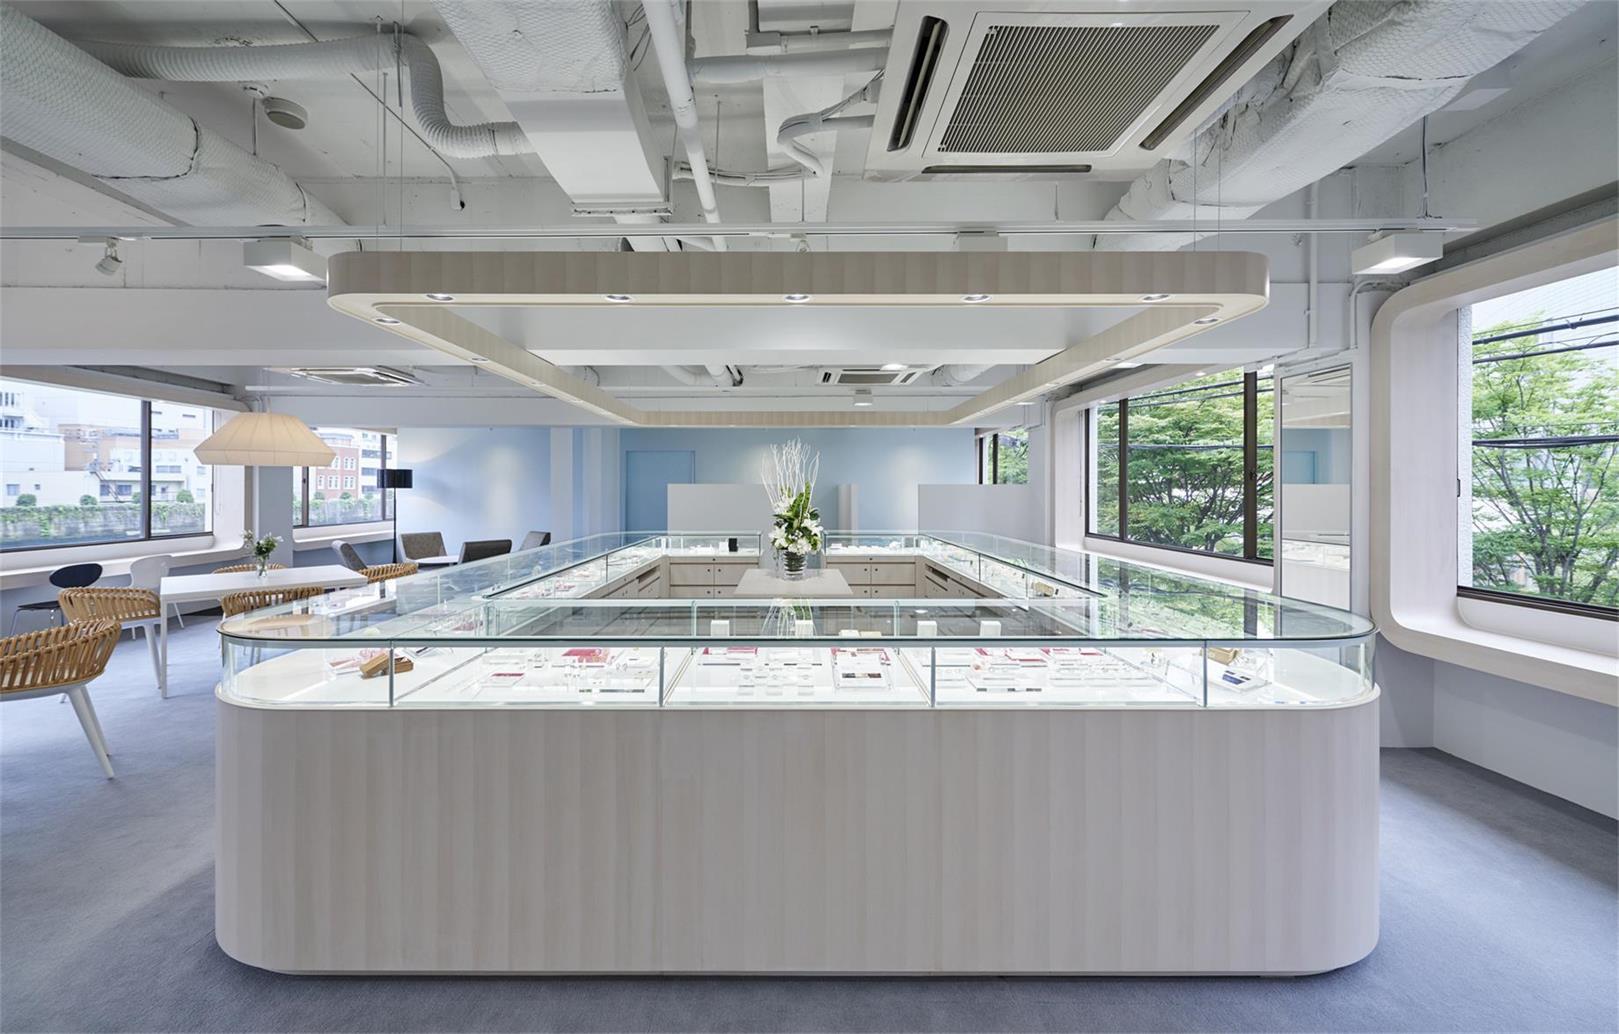 珠宝店设计, 首饰店设计, 咖啡厅设计, 珠宝店装修图片, 珠宝店设计效果图,珠宝店设计理念,商业空间设计,店铺设计